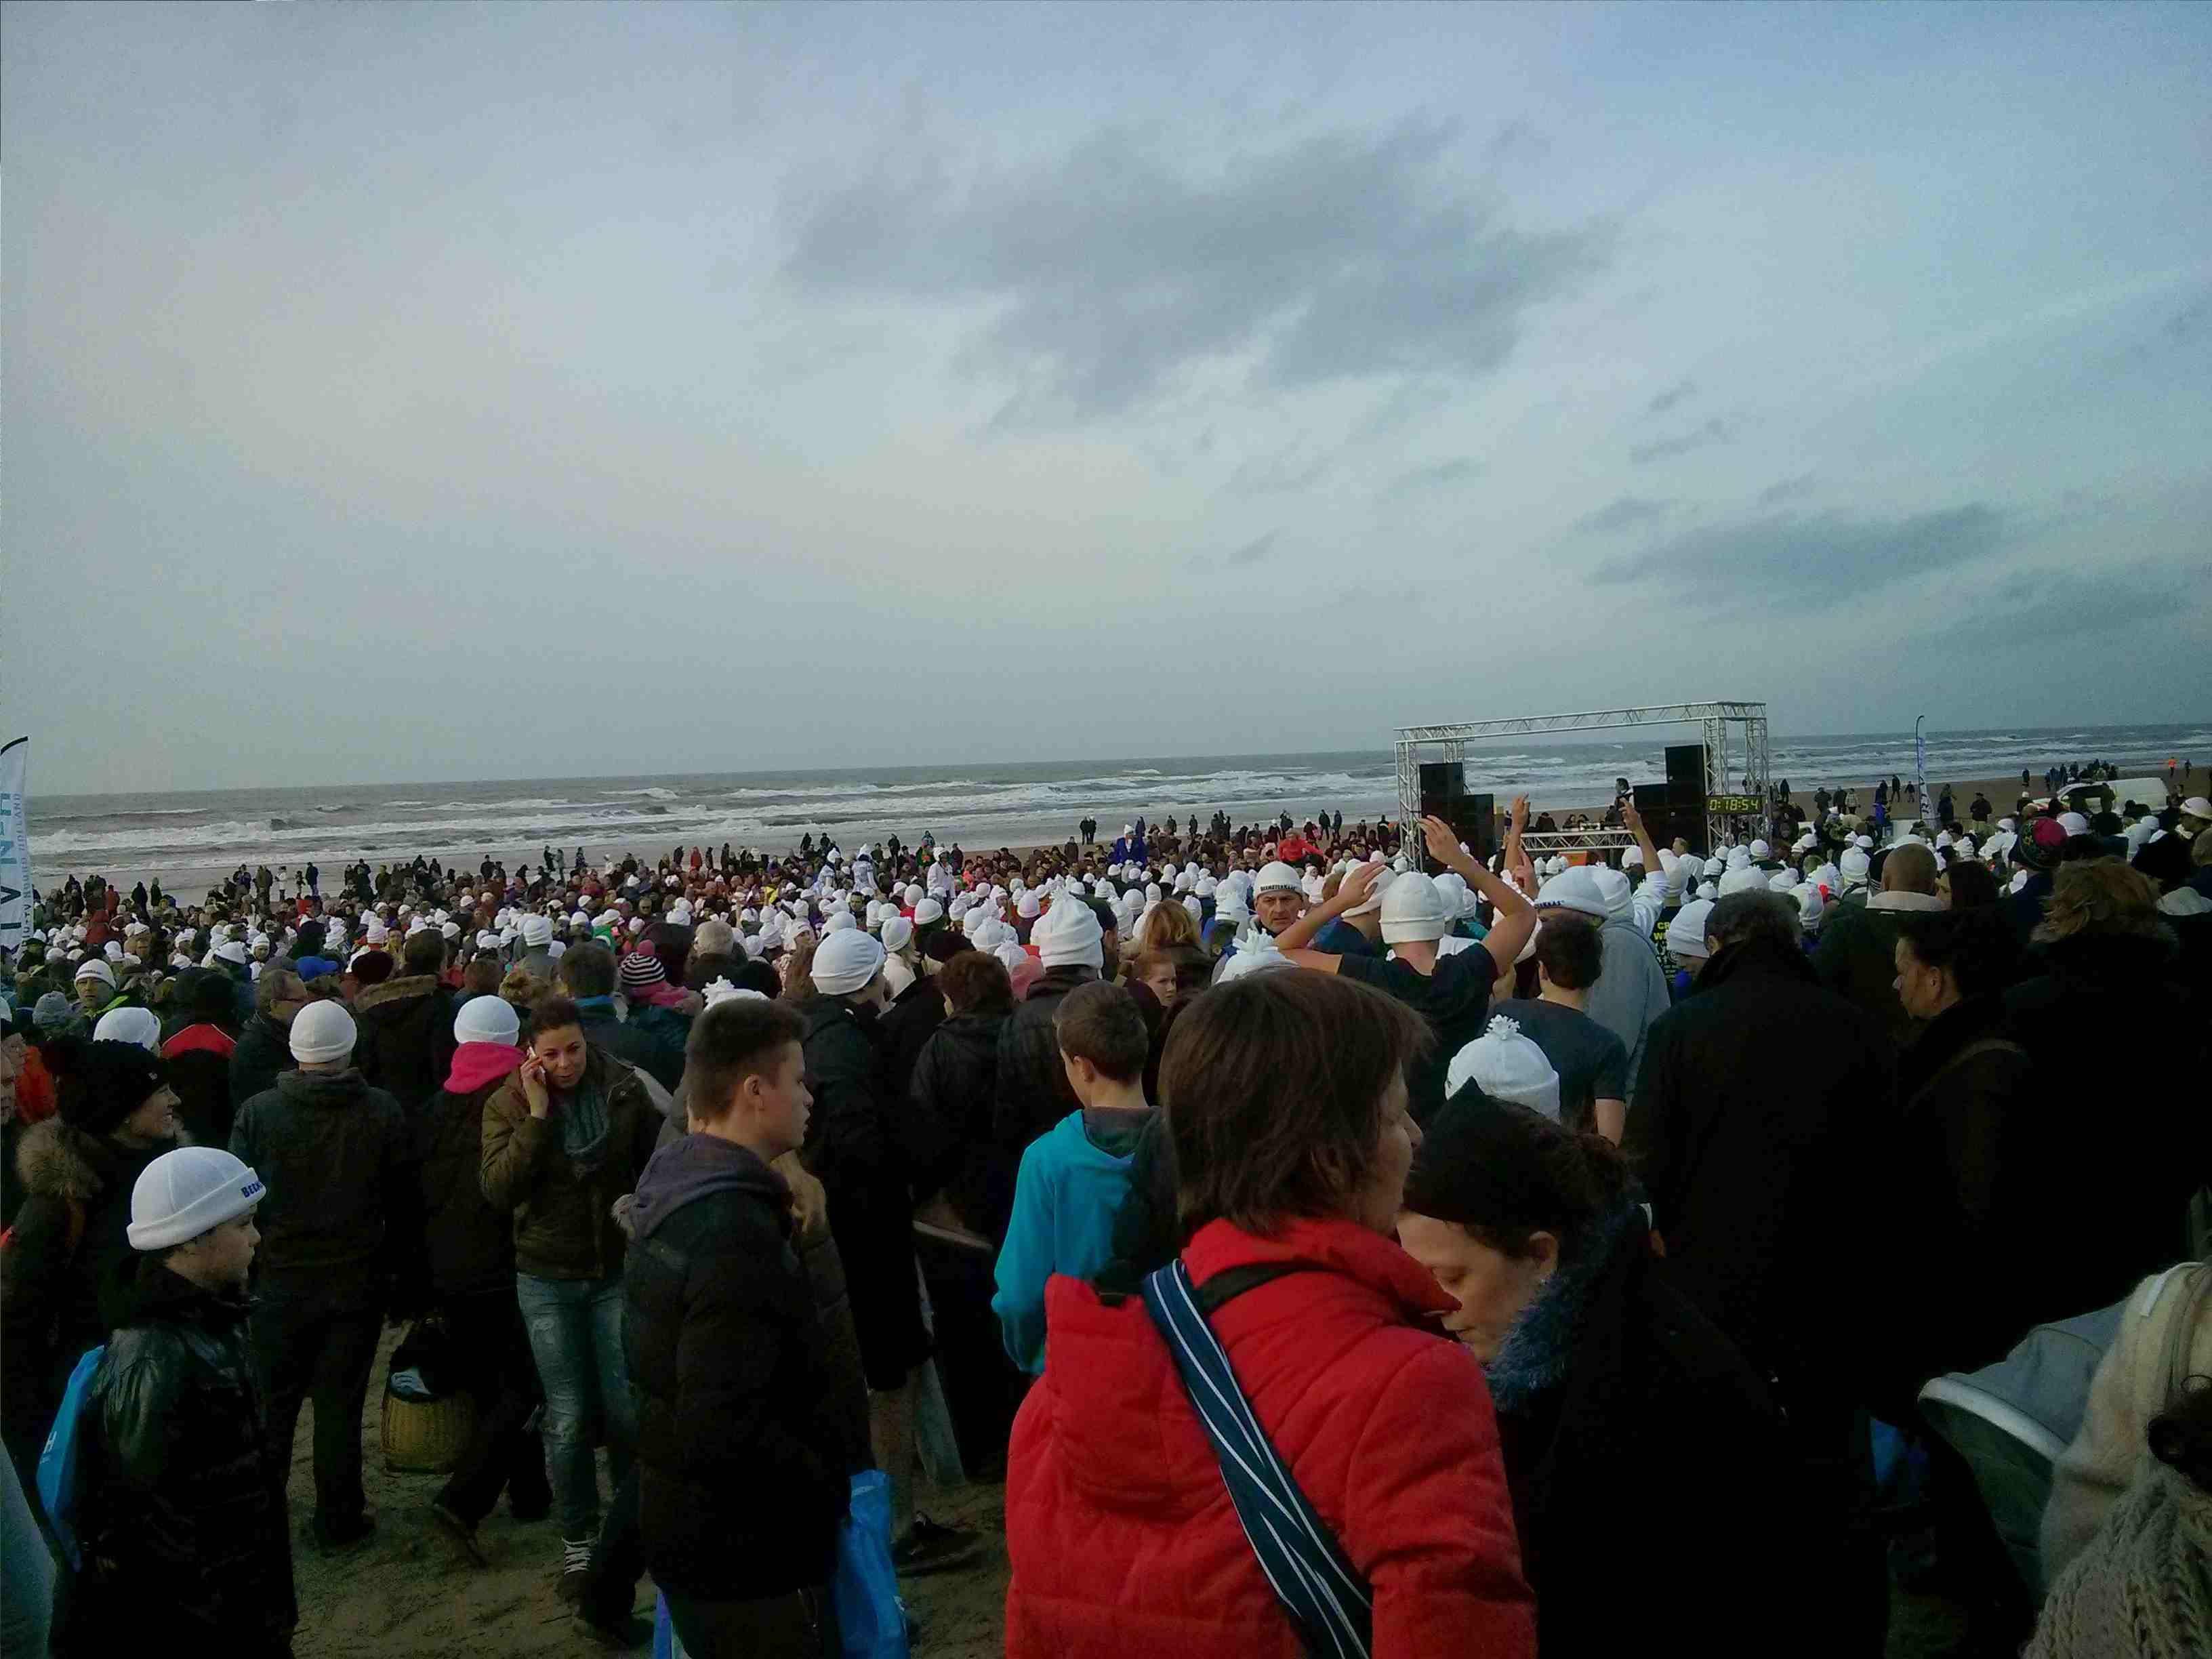 Egmond aan Zee Neujahrsschwimmen - Massen von Menschen